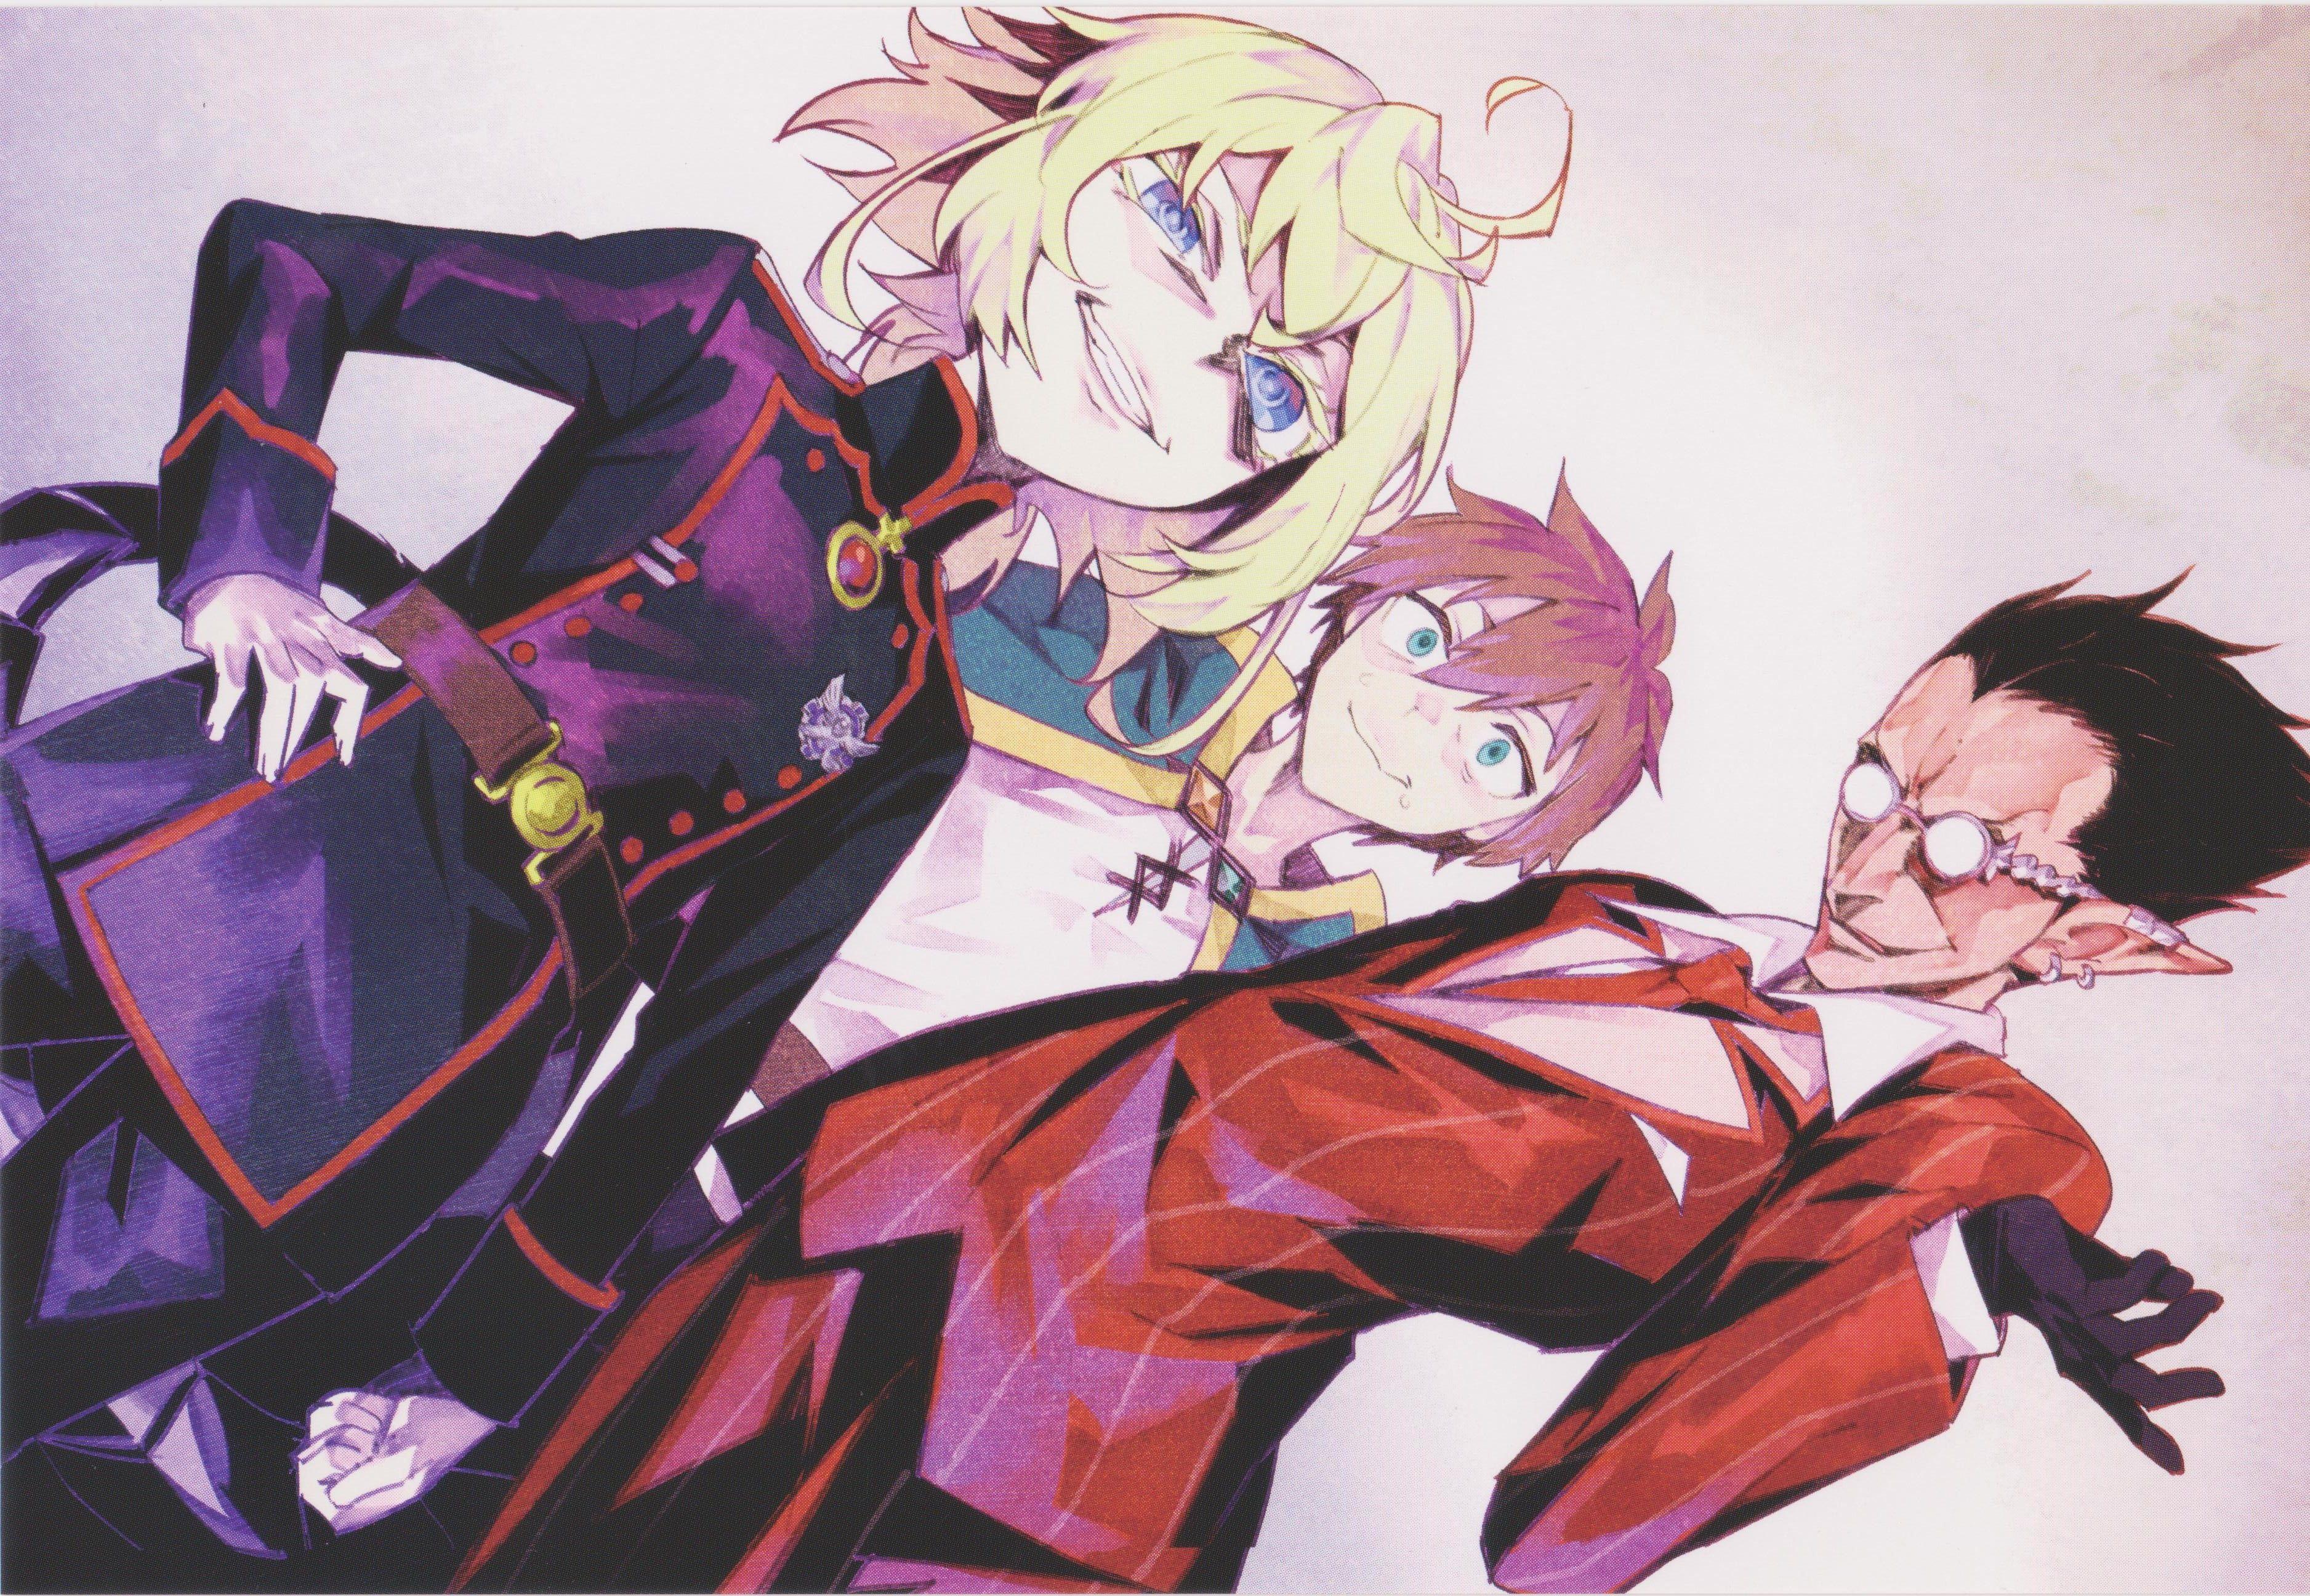 Anime Isekai Quartet Demiurge (Overlord) Kazuma Satou